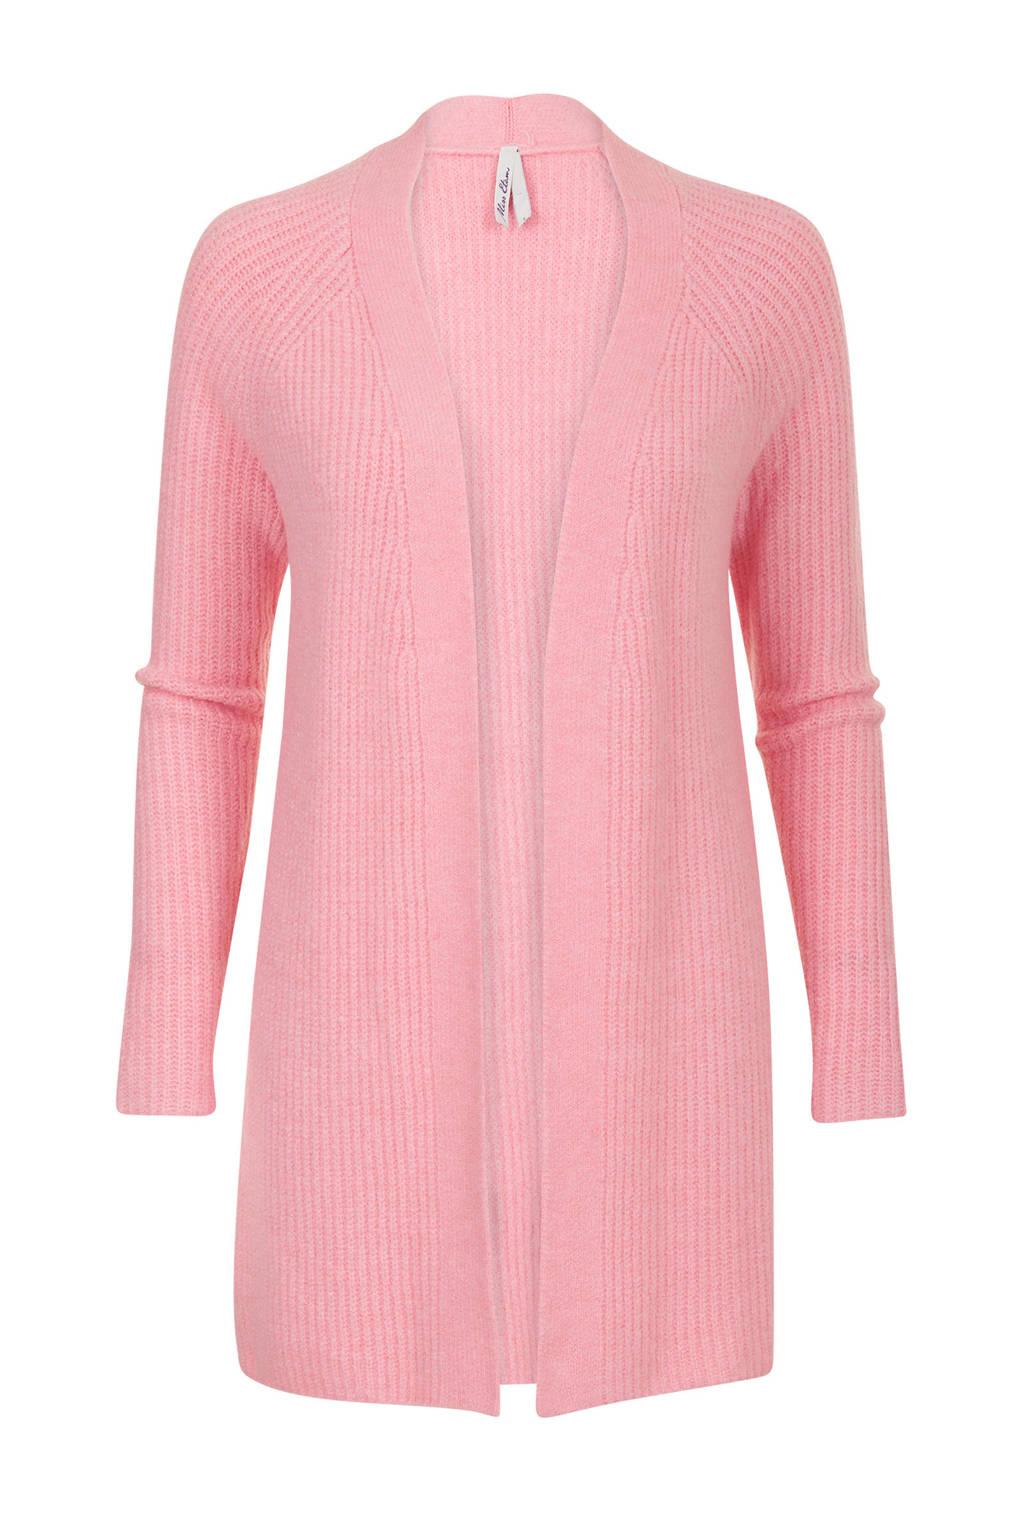 Miss Etam Regulier vest roze, Roze